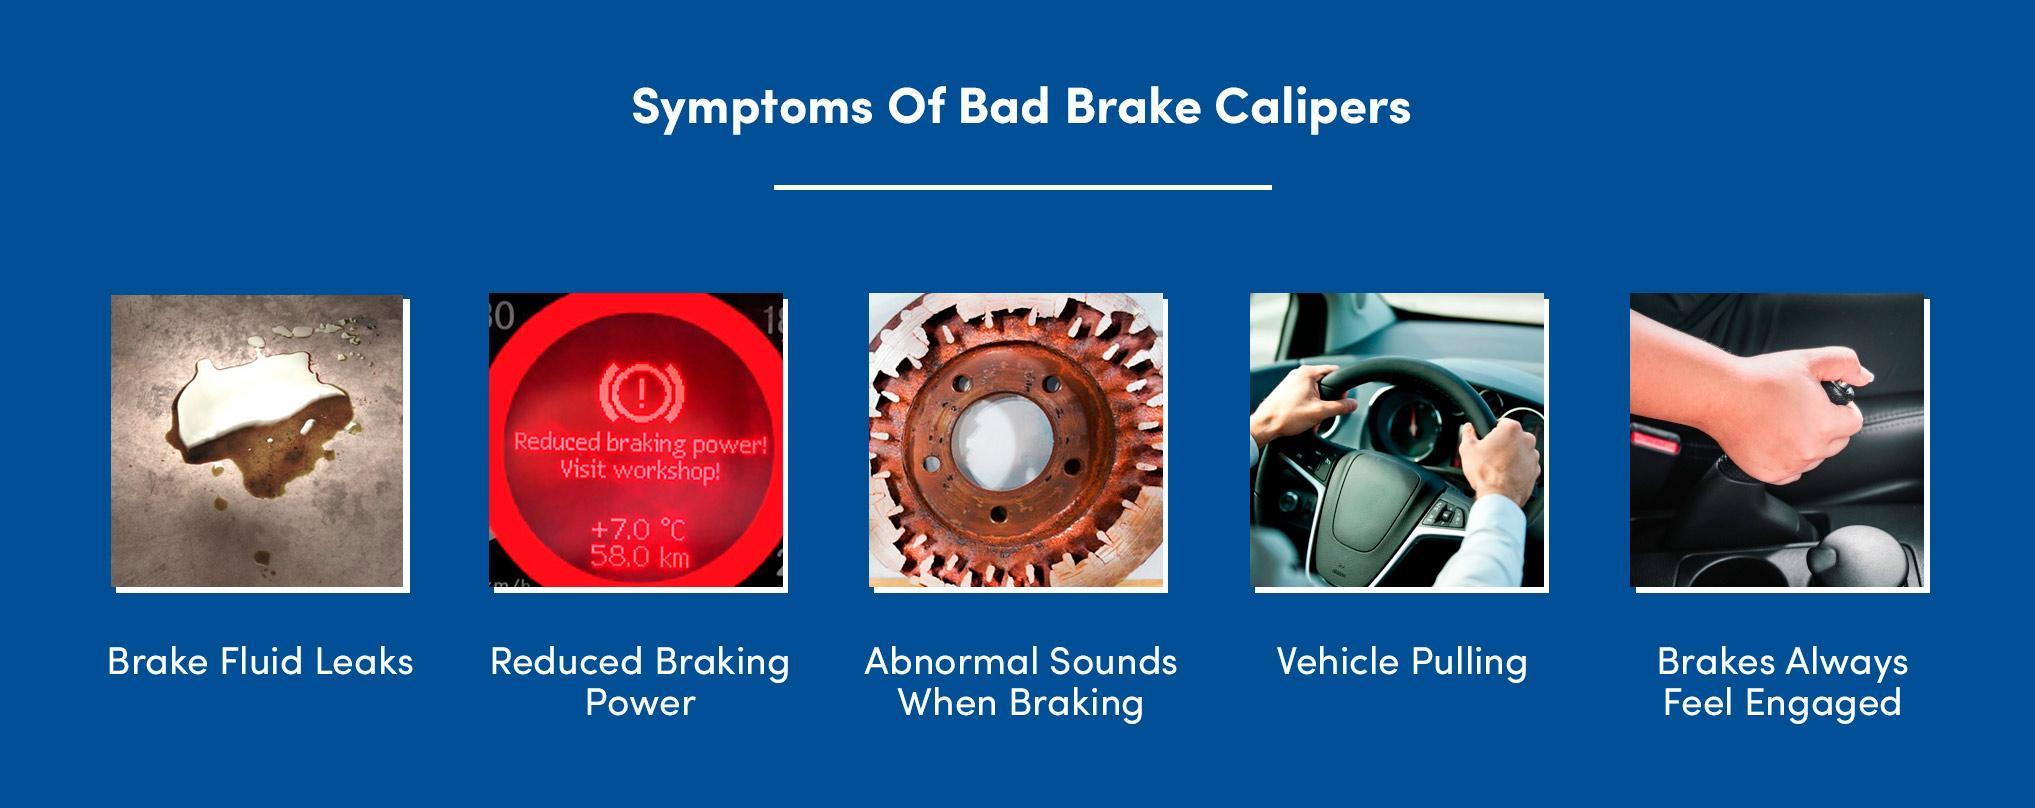 Symptoms Of Bad Brake Calipers